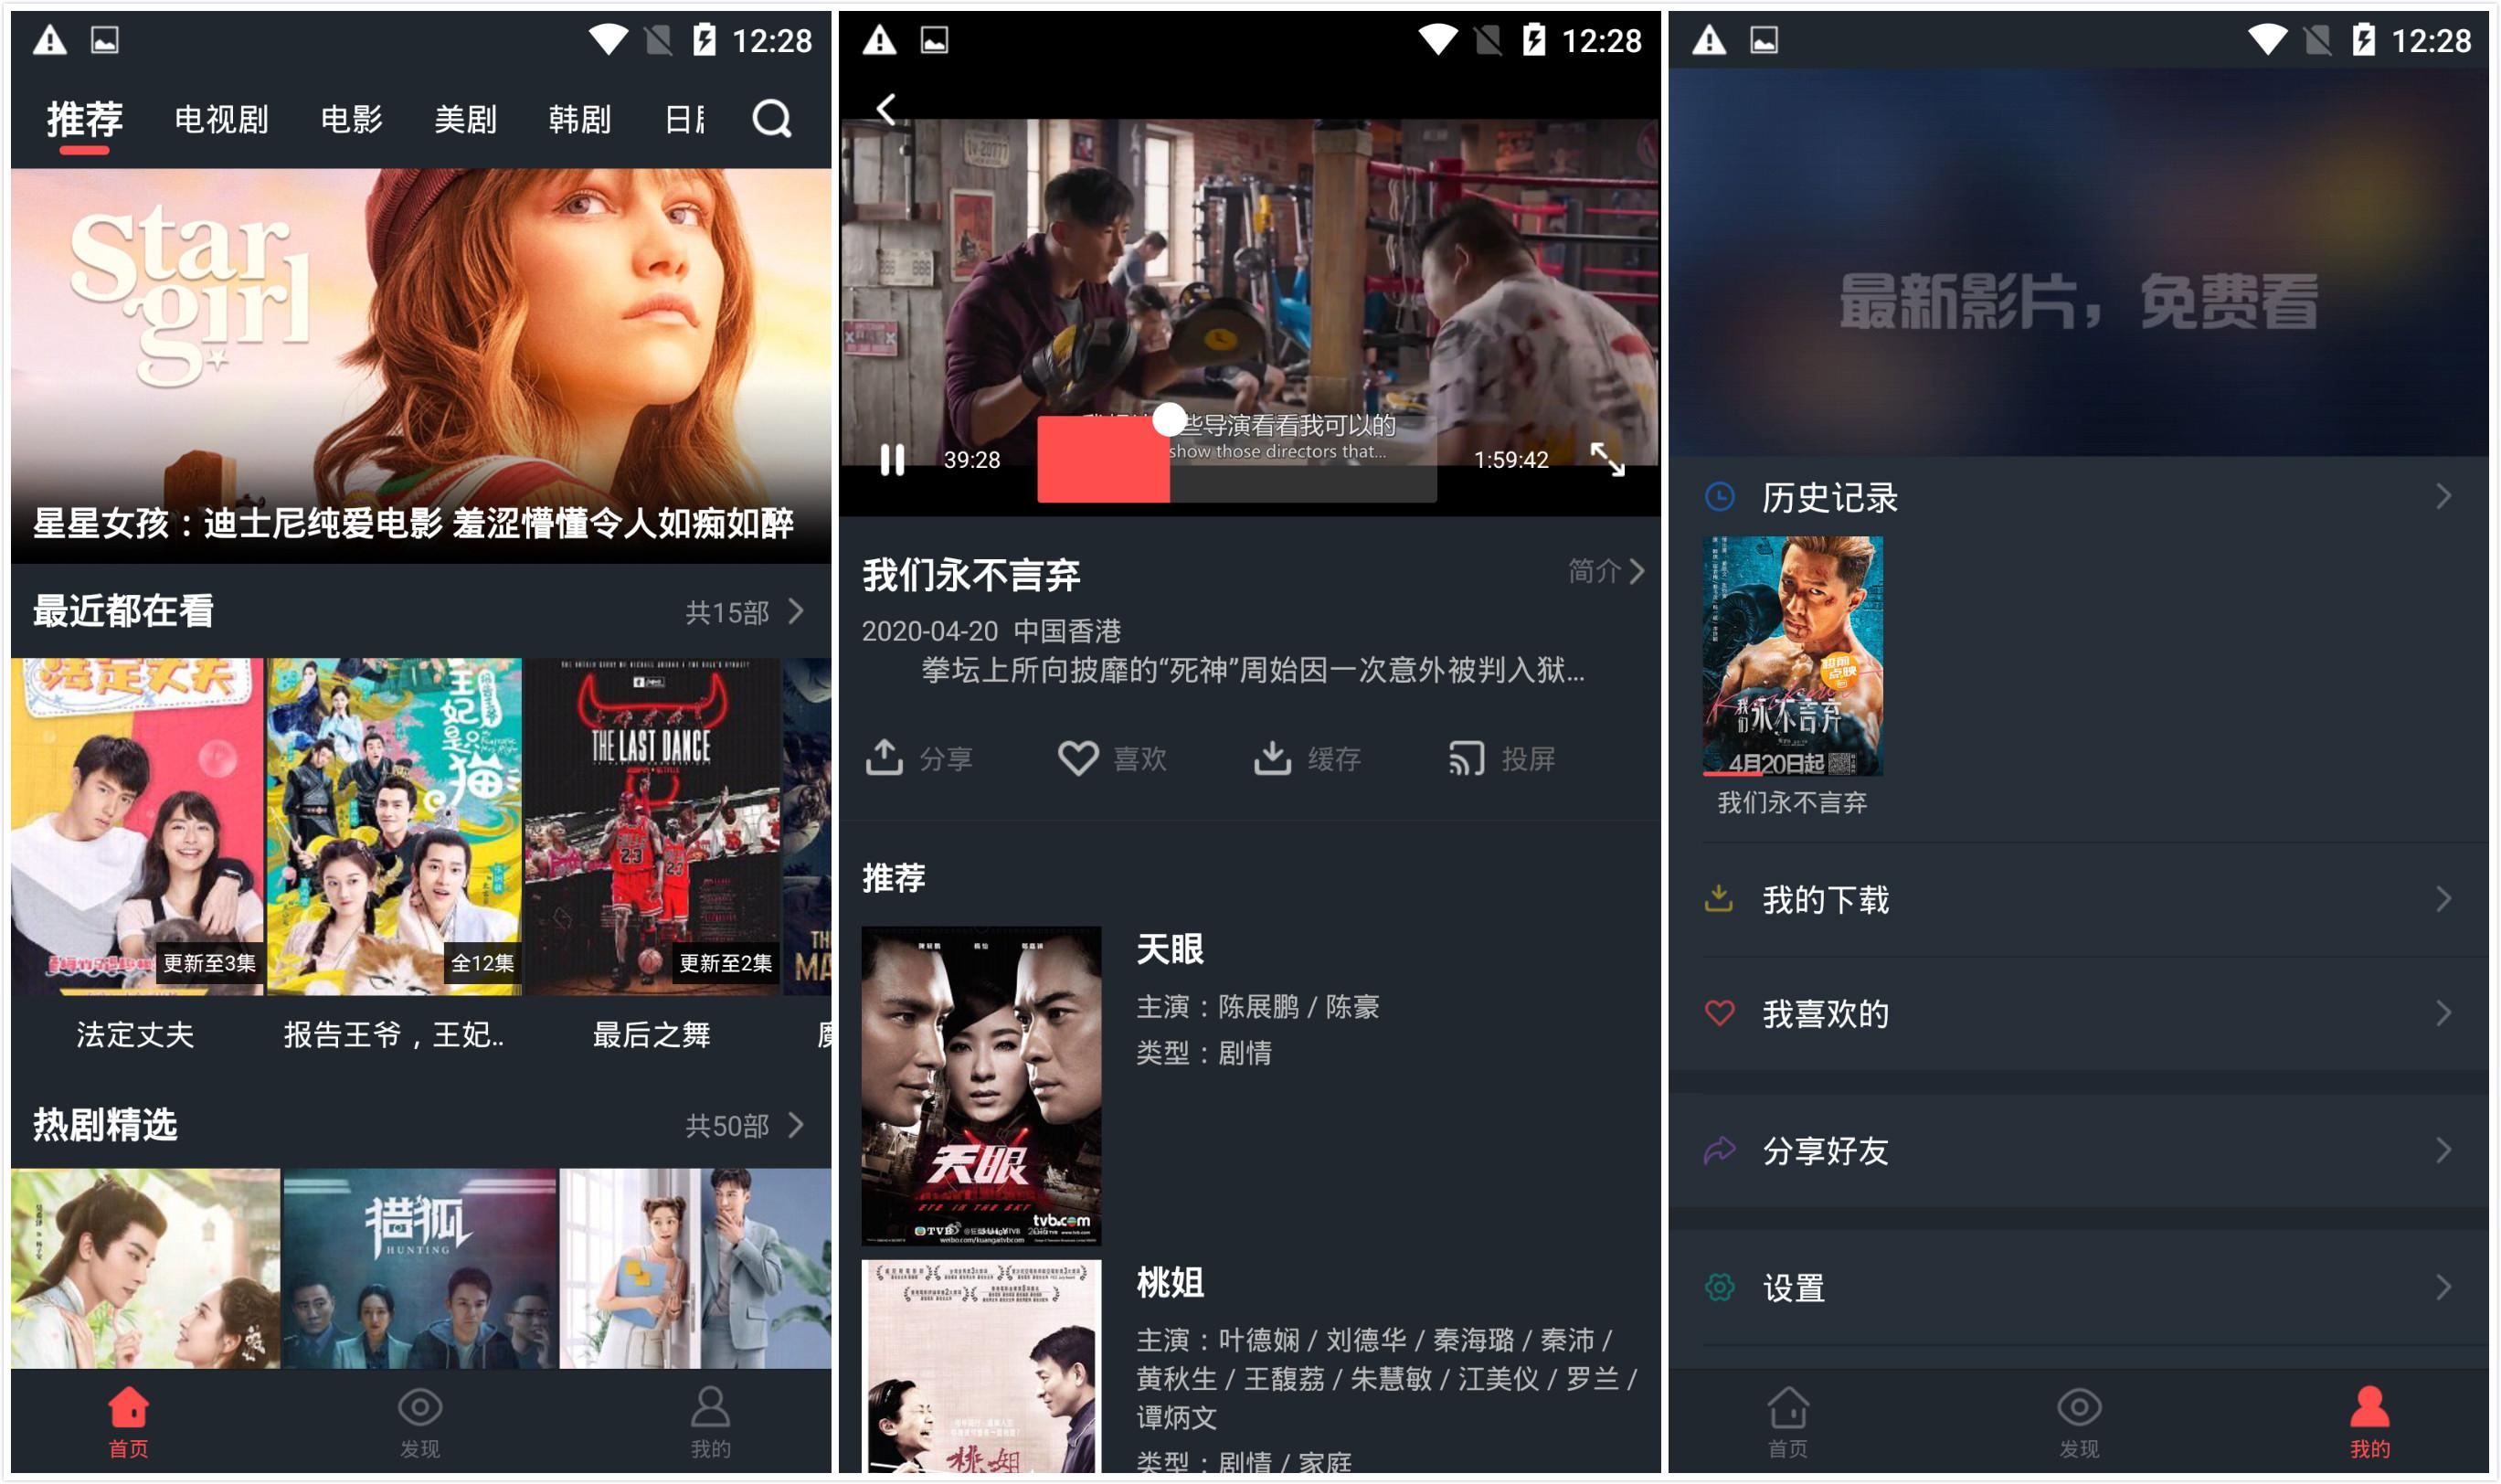 大鱼影视v2.2.1.0 去广告清爽破解版